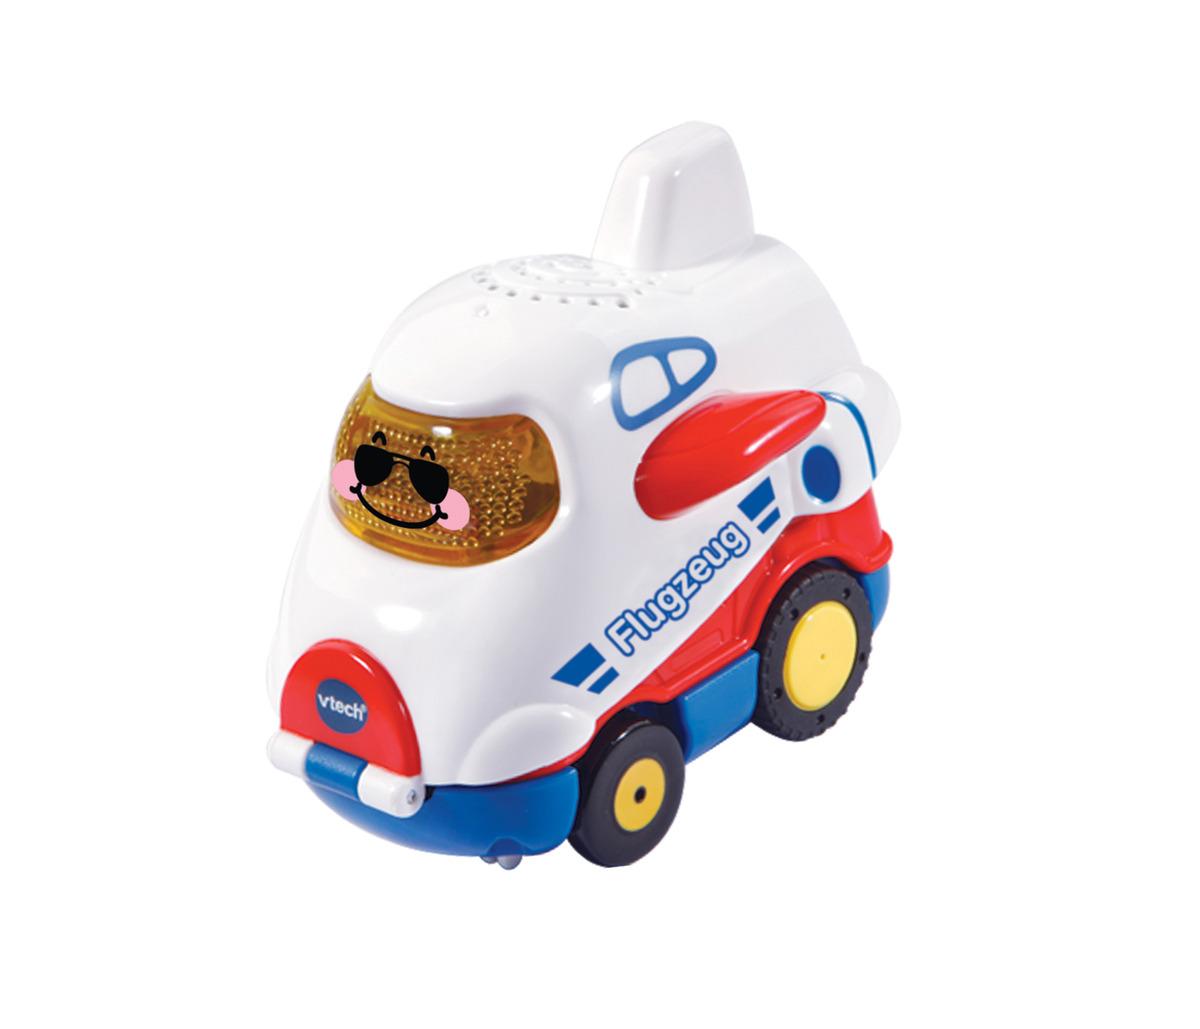 Bild 1 von VTECH Tut Tut Baby Flitzer - Press & Go Flugzeug Spielzeugauto, Mehrfarbig